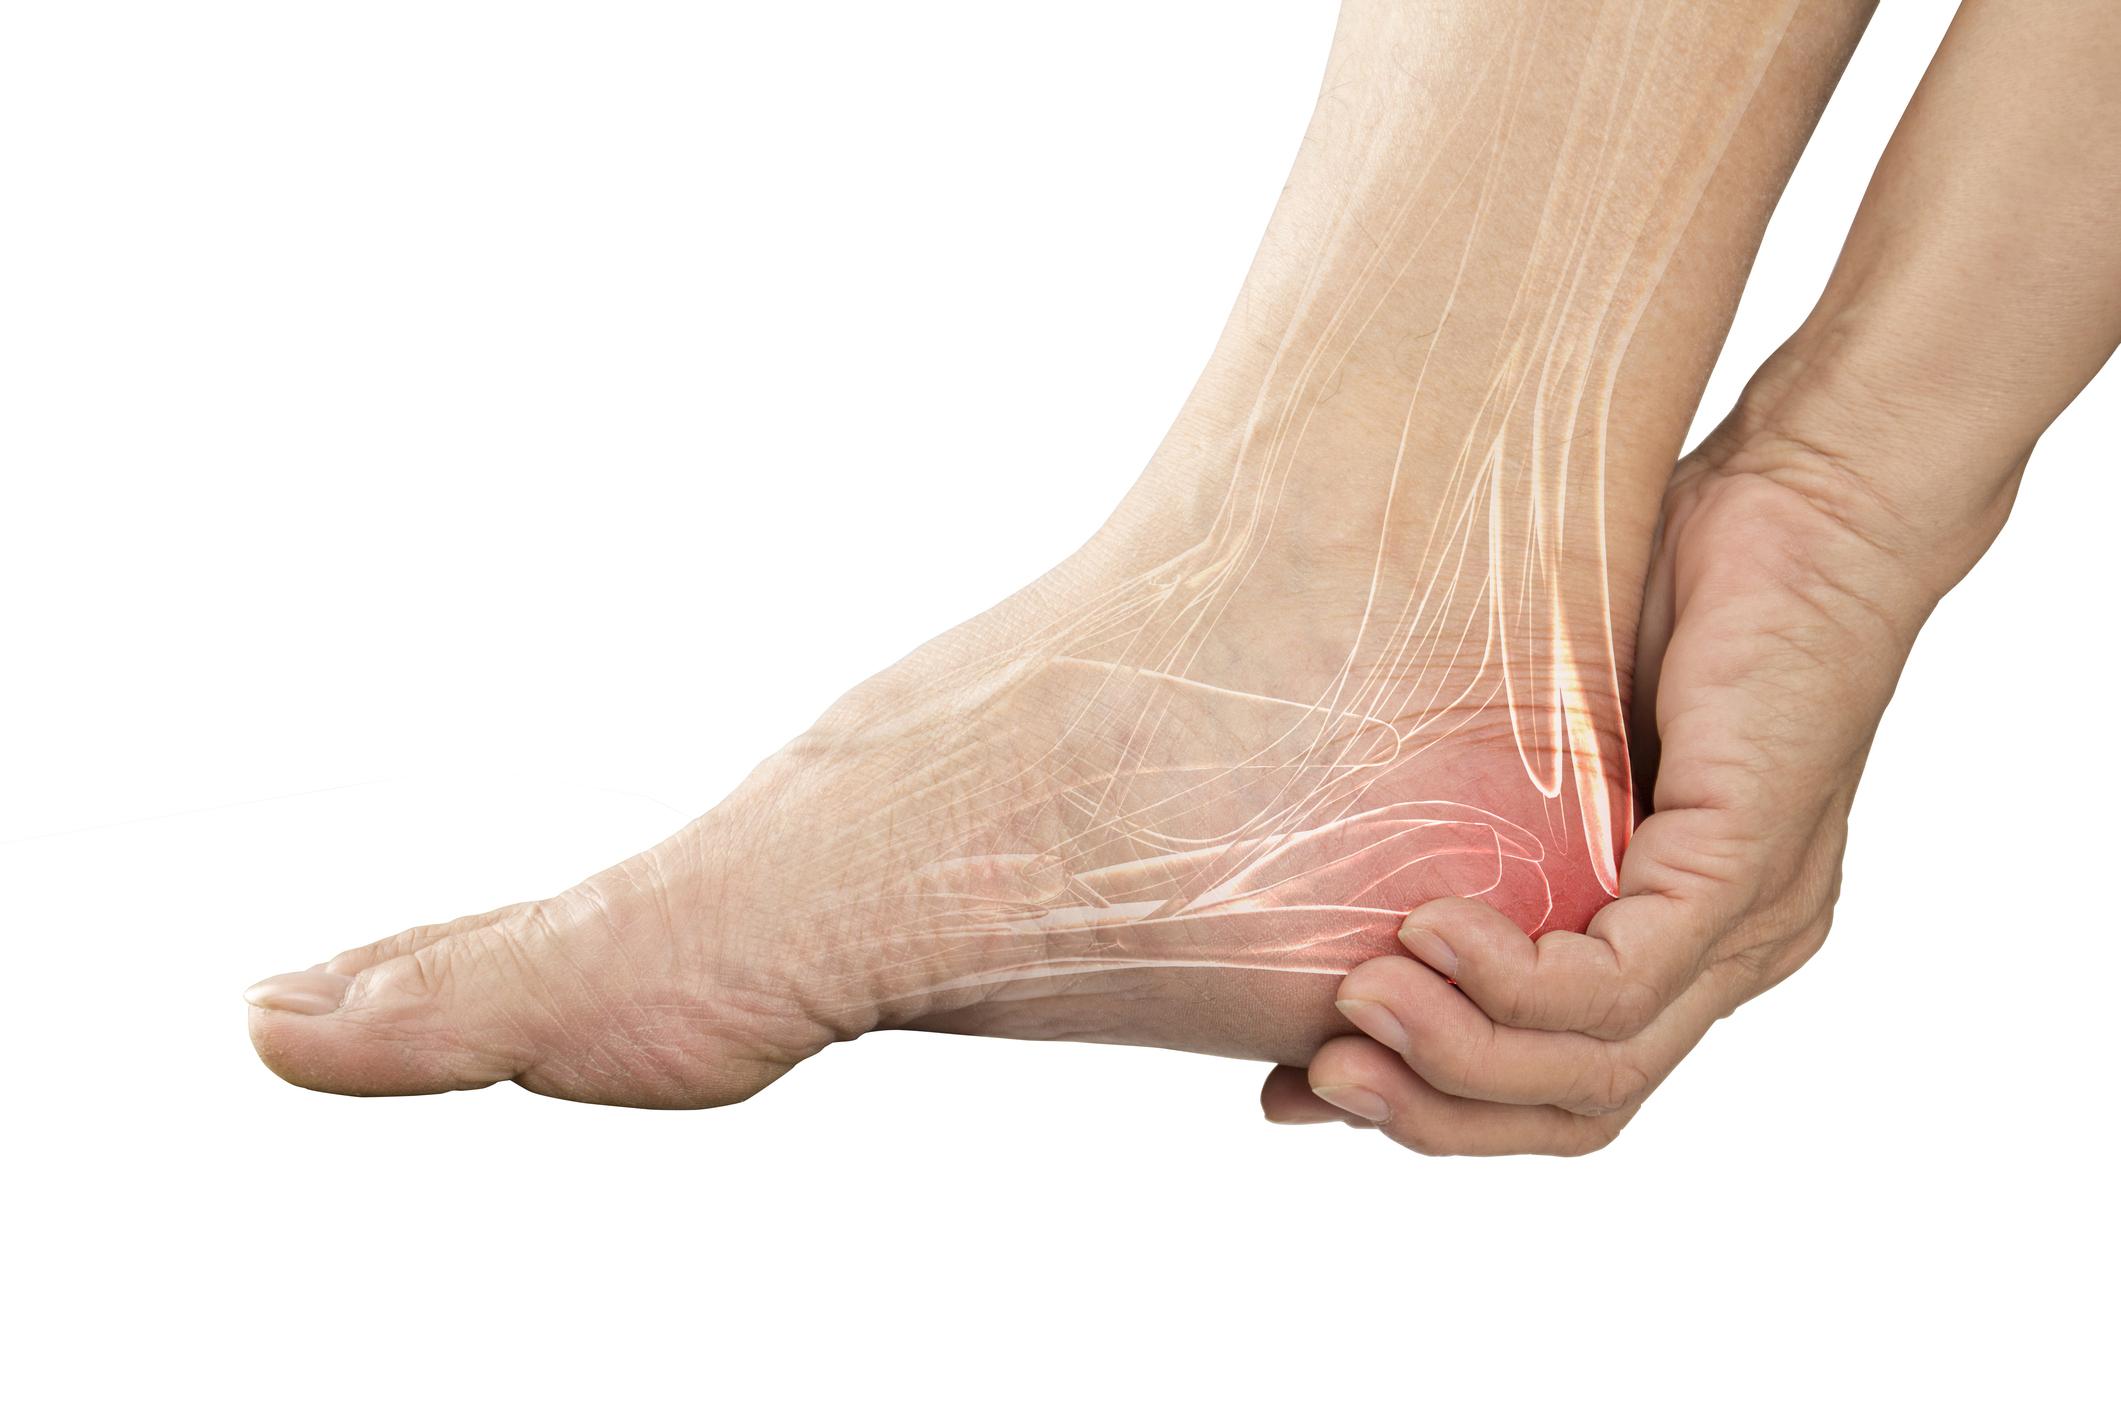 hogyan kezelik a lábfájdalmat